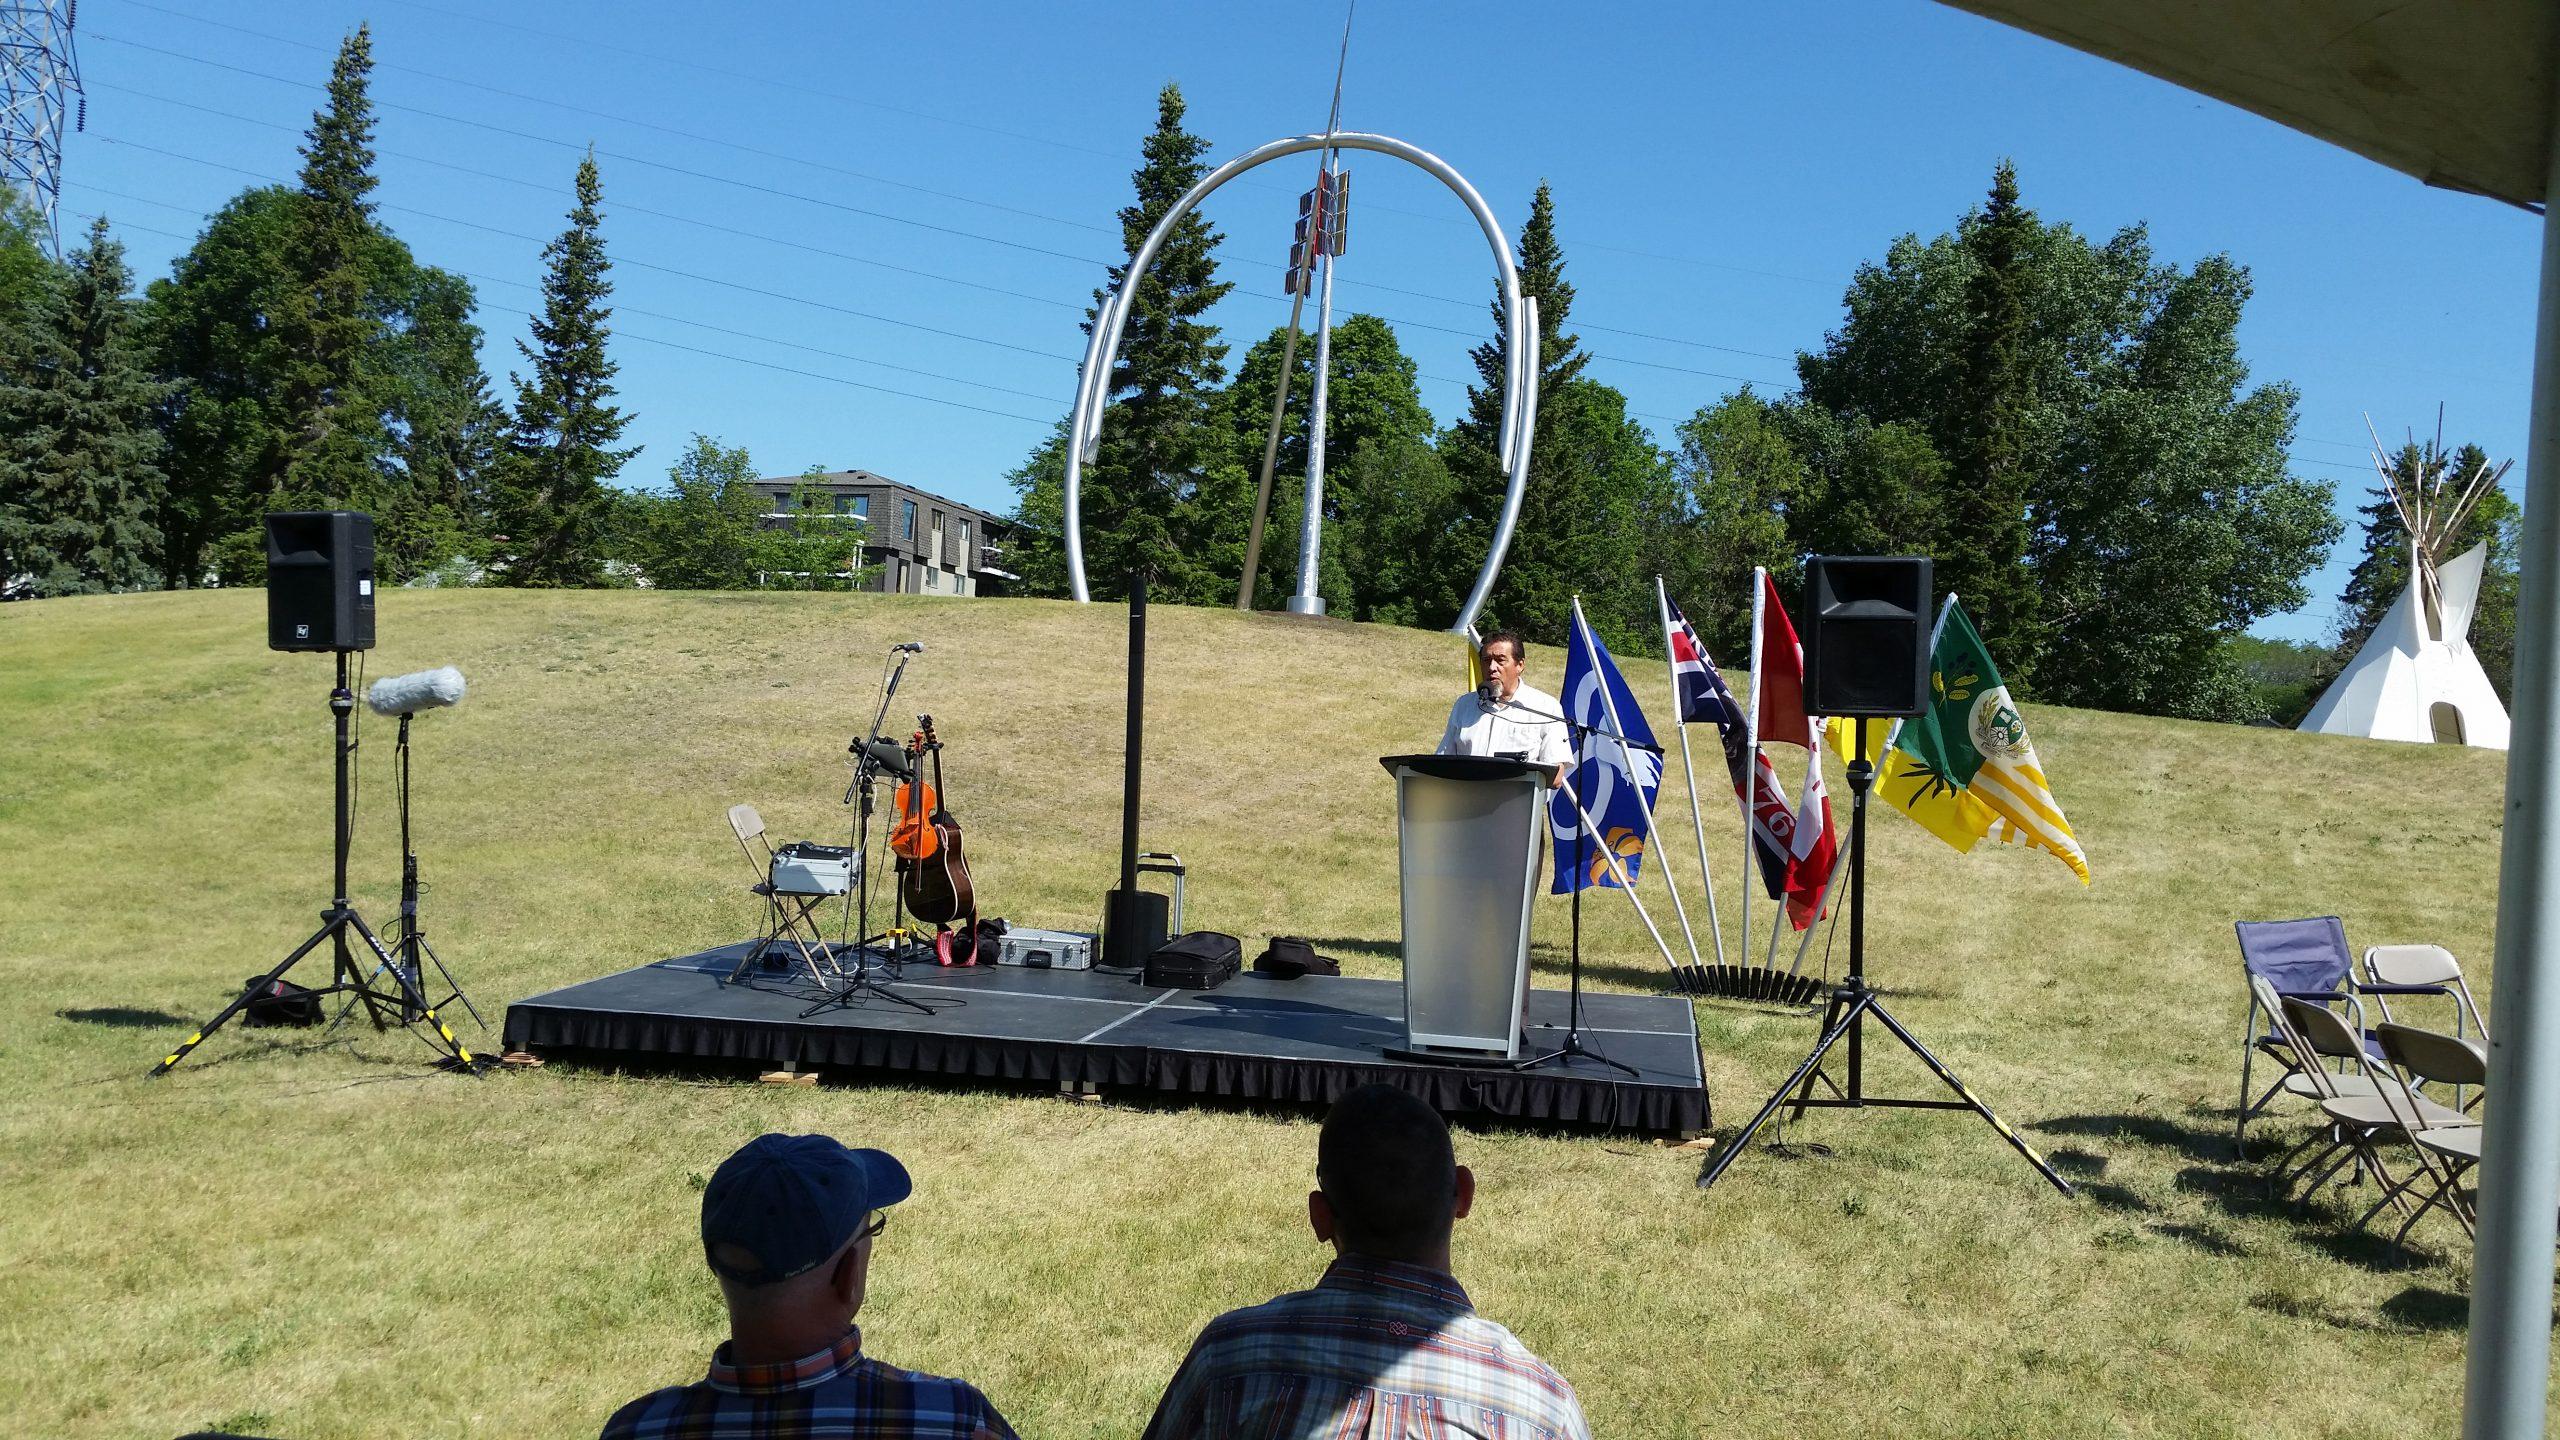 Reconciliation Artwork Dedicated in Victoria Park